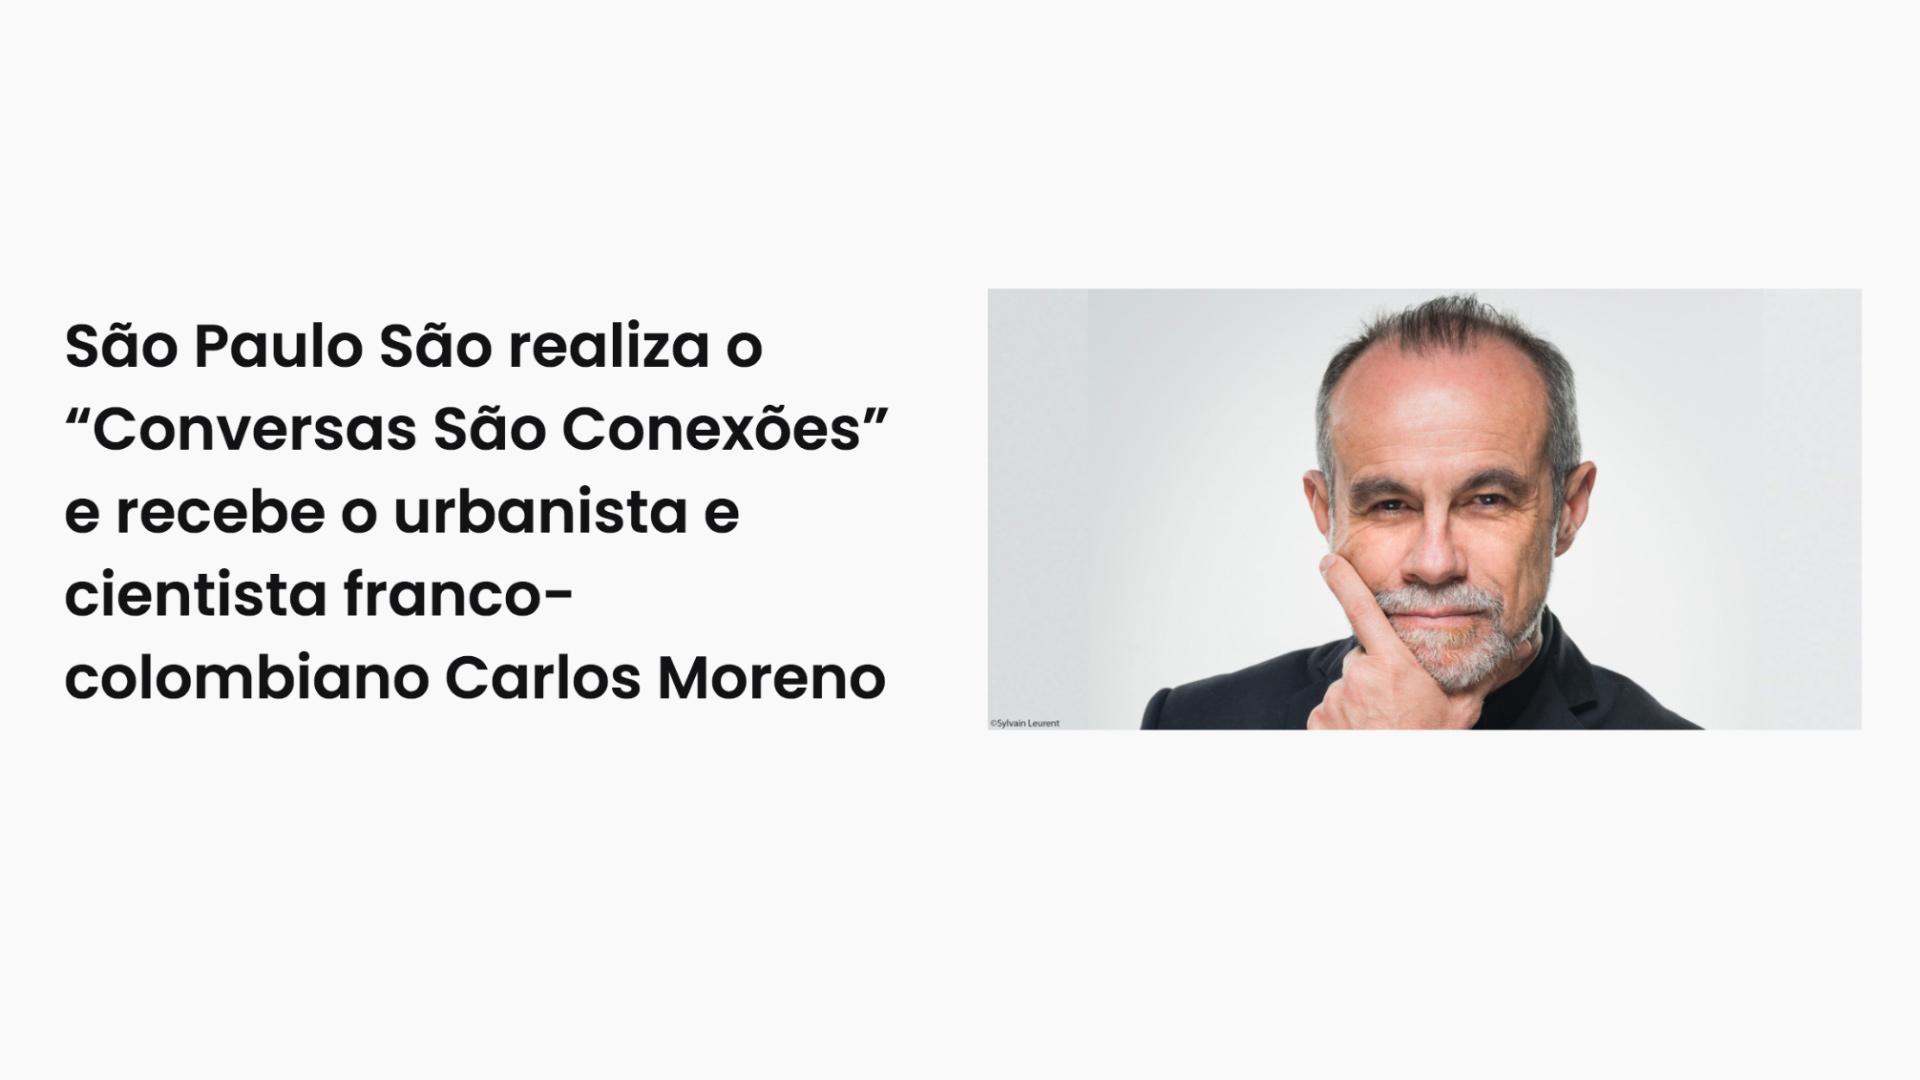 """Denise Cursino (Brésil) – São Paulo São realiza o """"Conversas São Conexões"""" e recebe o urbanista e cientista franco-colombiano Carlos Moreno – 26/01/2021"""